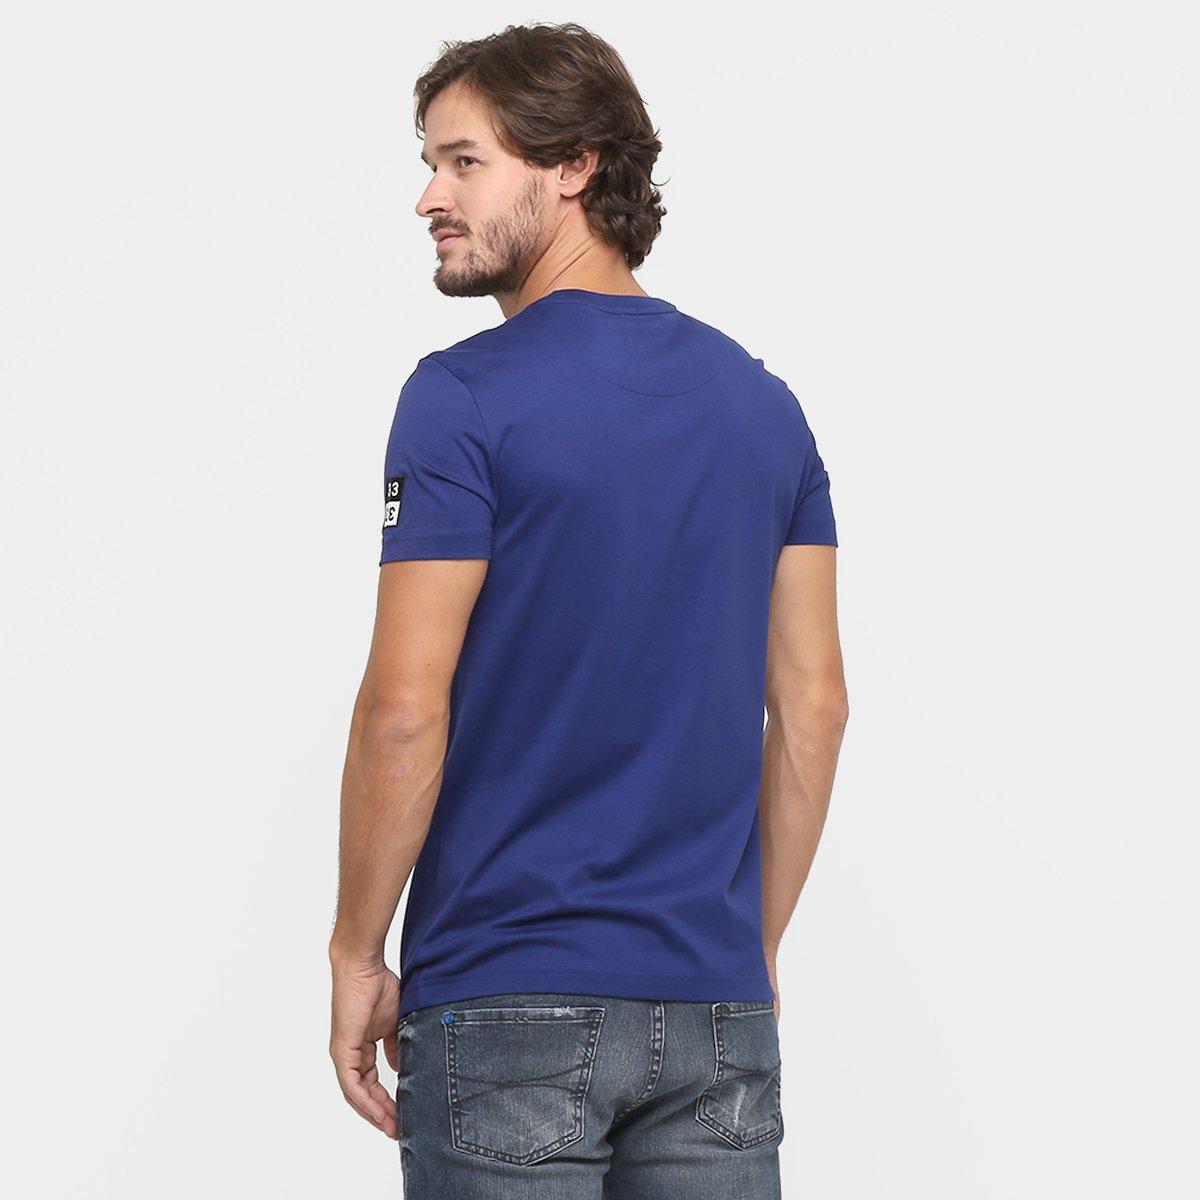 849829a55f76d Camiseta Lacoste Estampa  Camiseta Lacoste Estampa ...